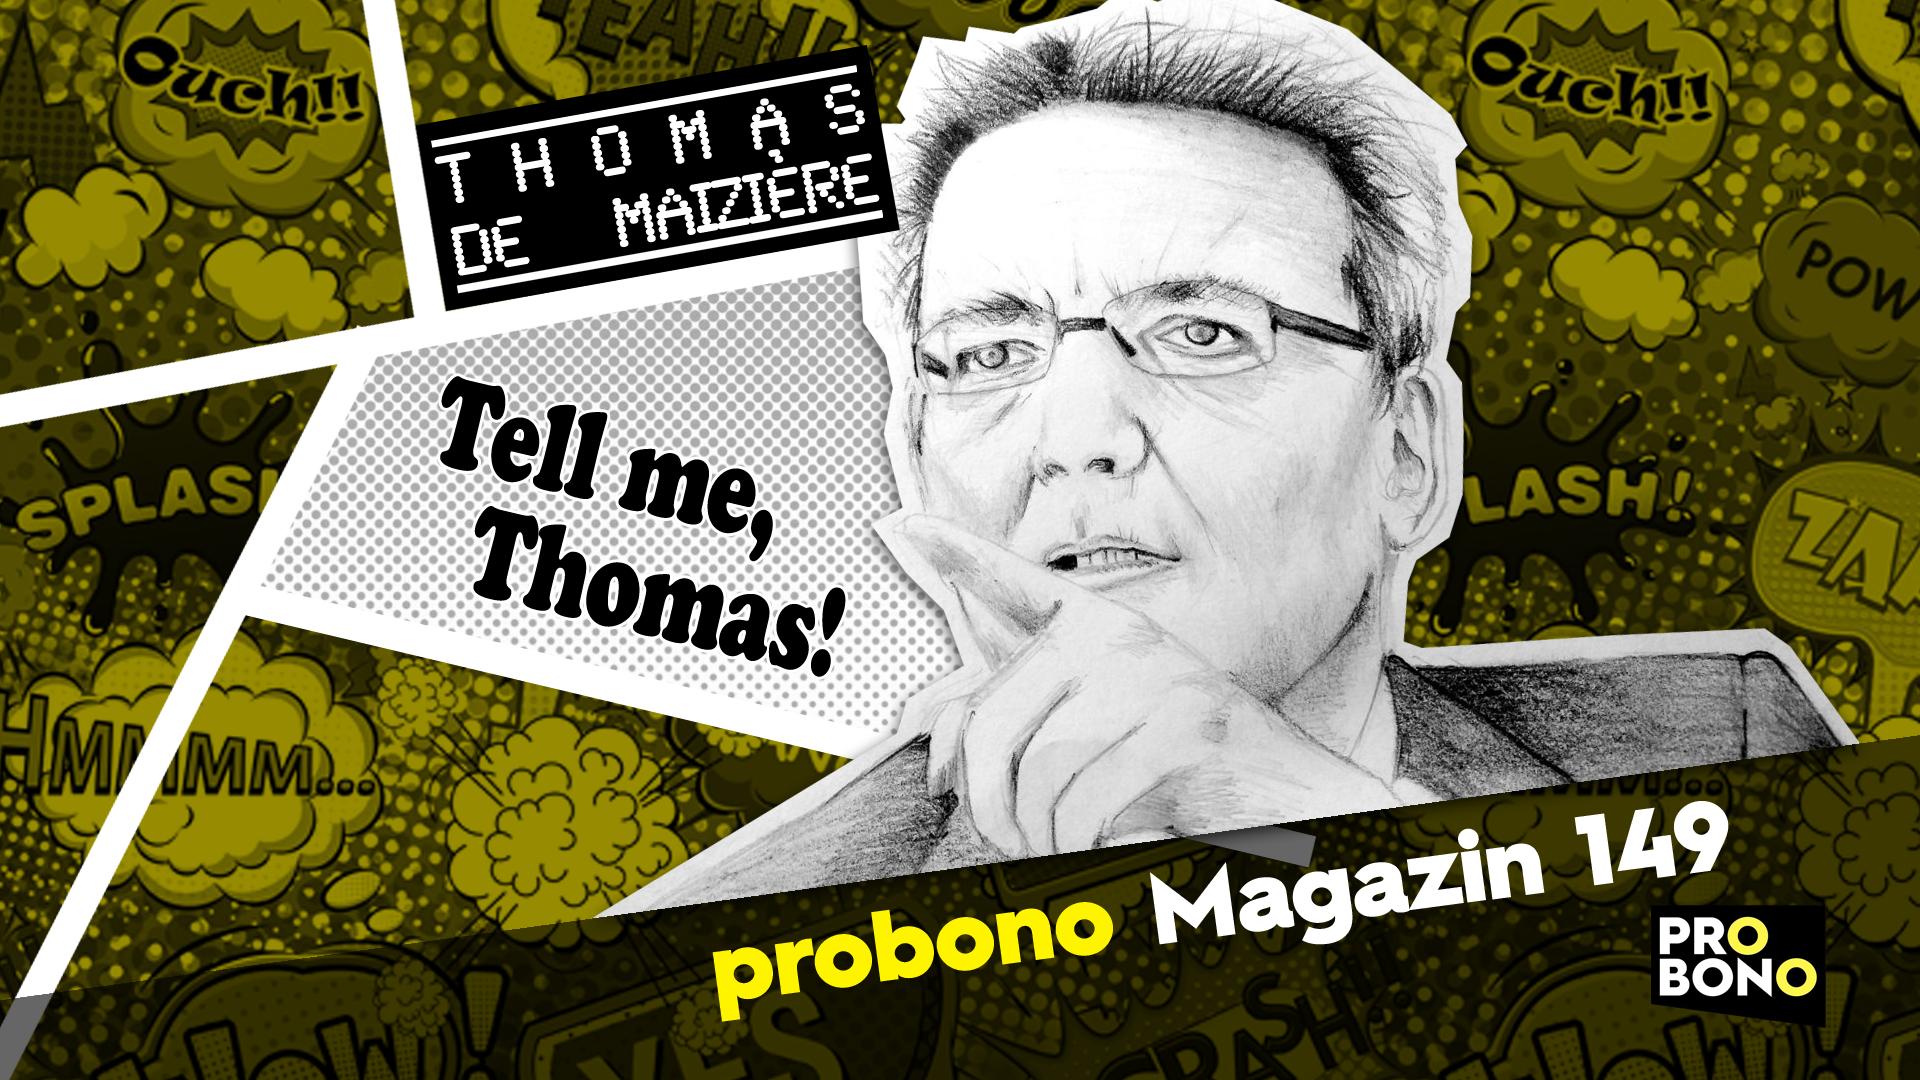 Tell me, Thomas! – So werden wir online überwacht (probono Magazin über Vorratsdatenspeicherung)